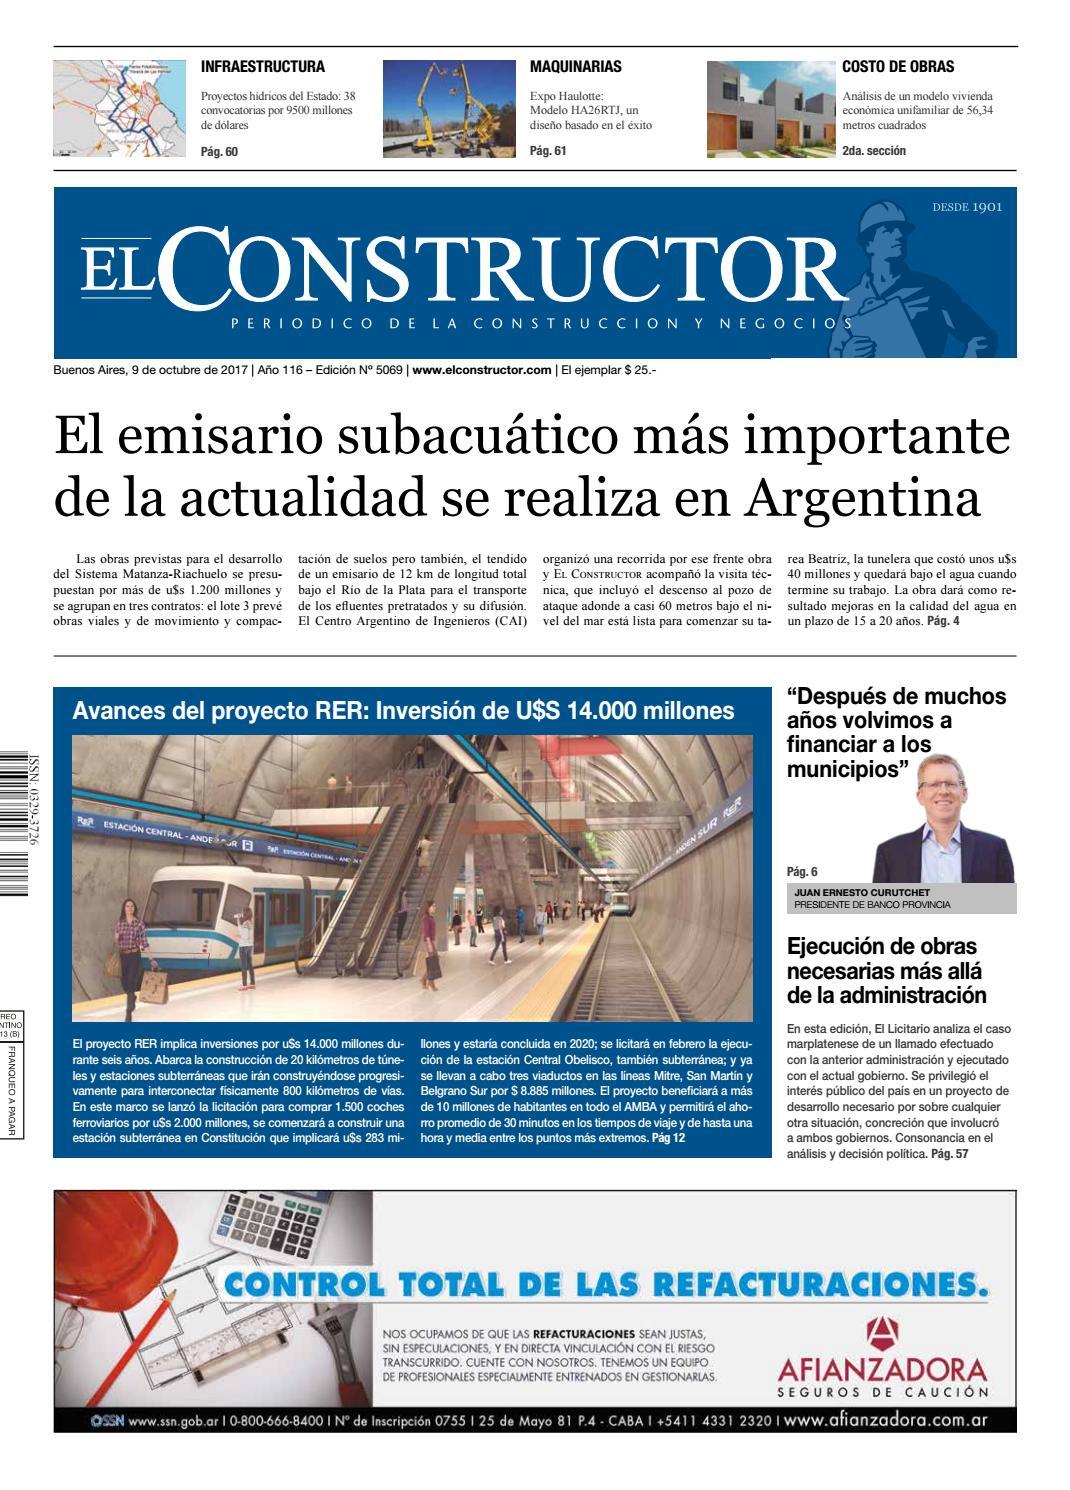 El Constructor 9/10/2017 - N° 5069 Año 116 by ELCO Editores - issuu